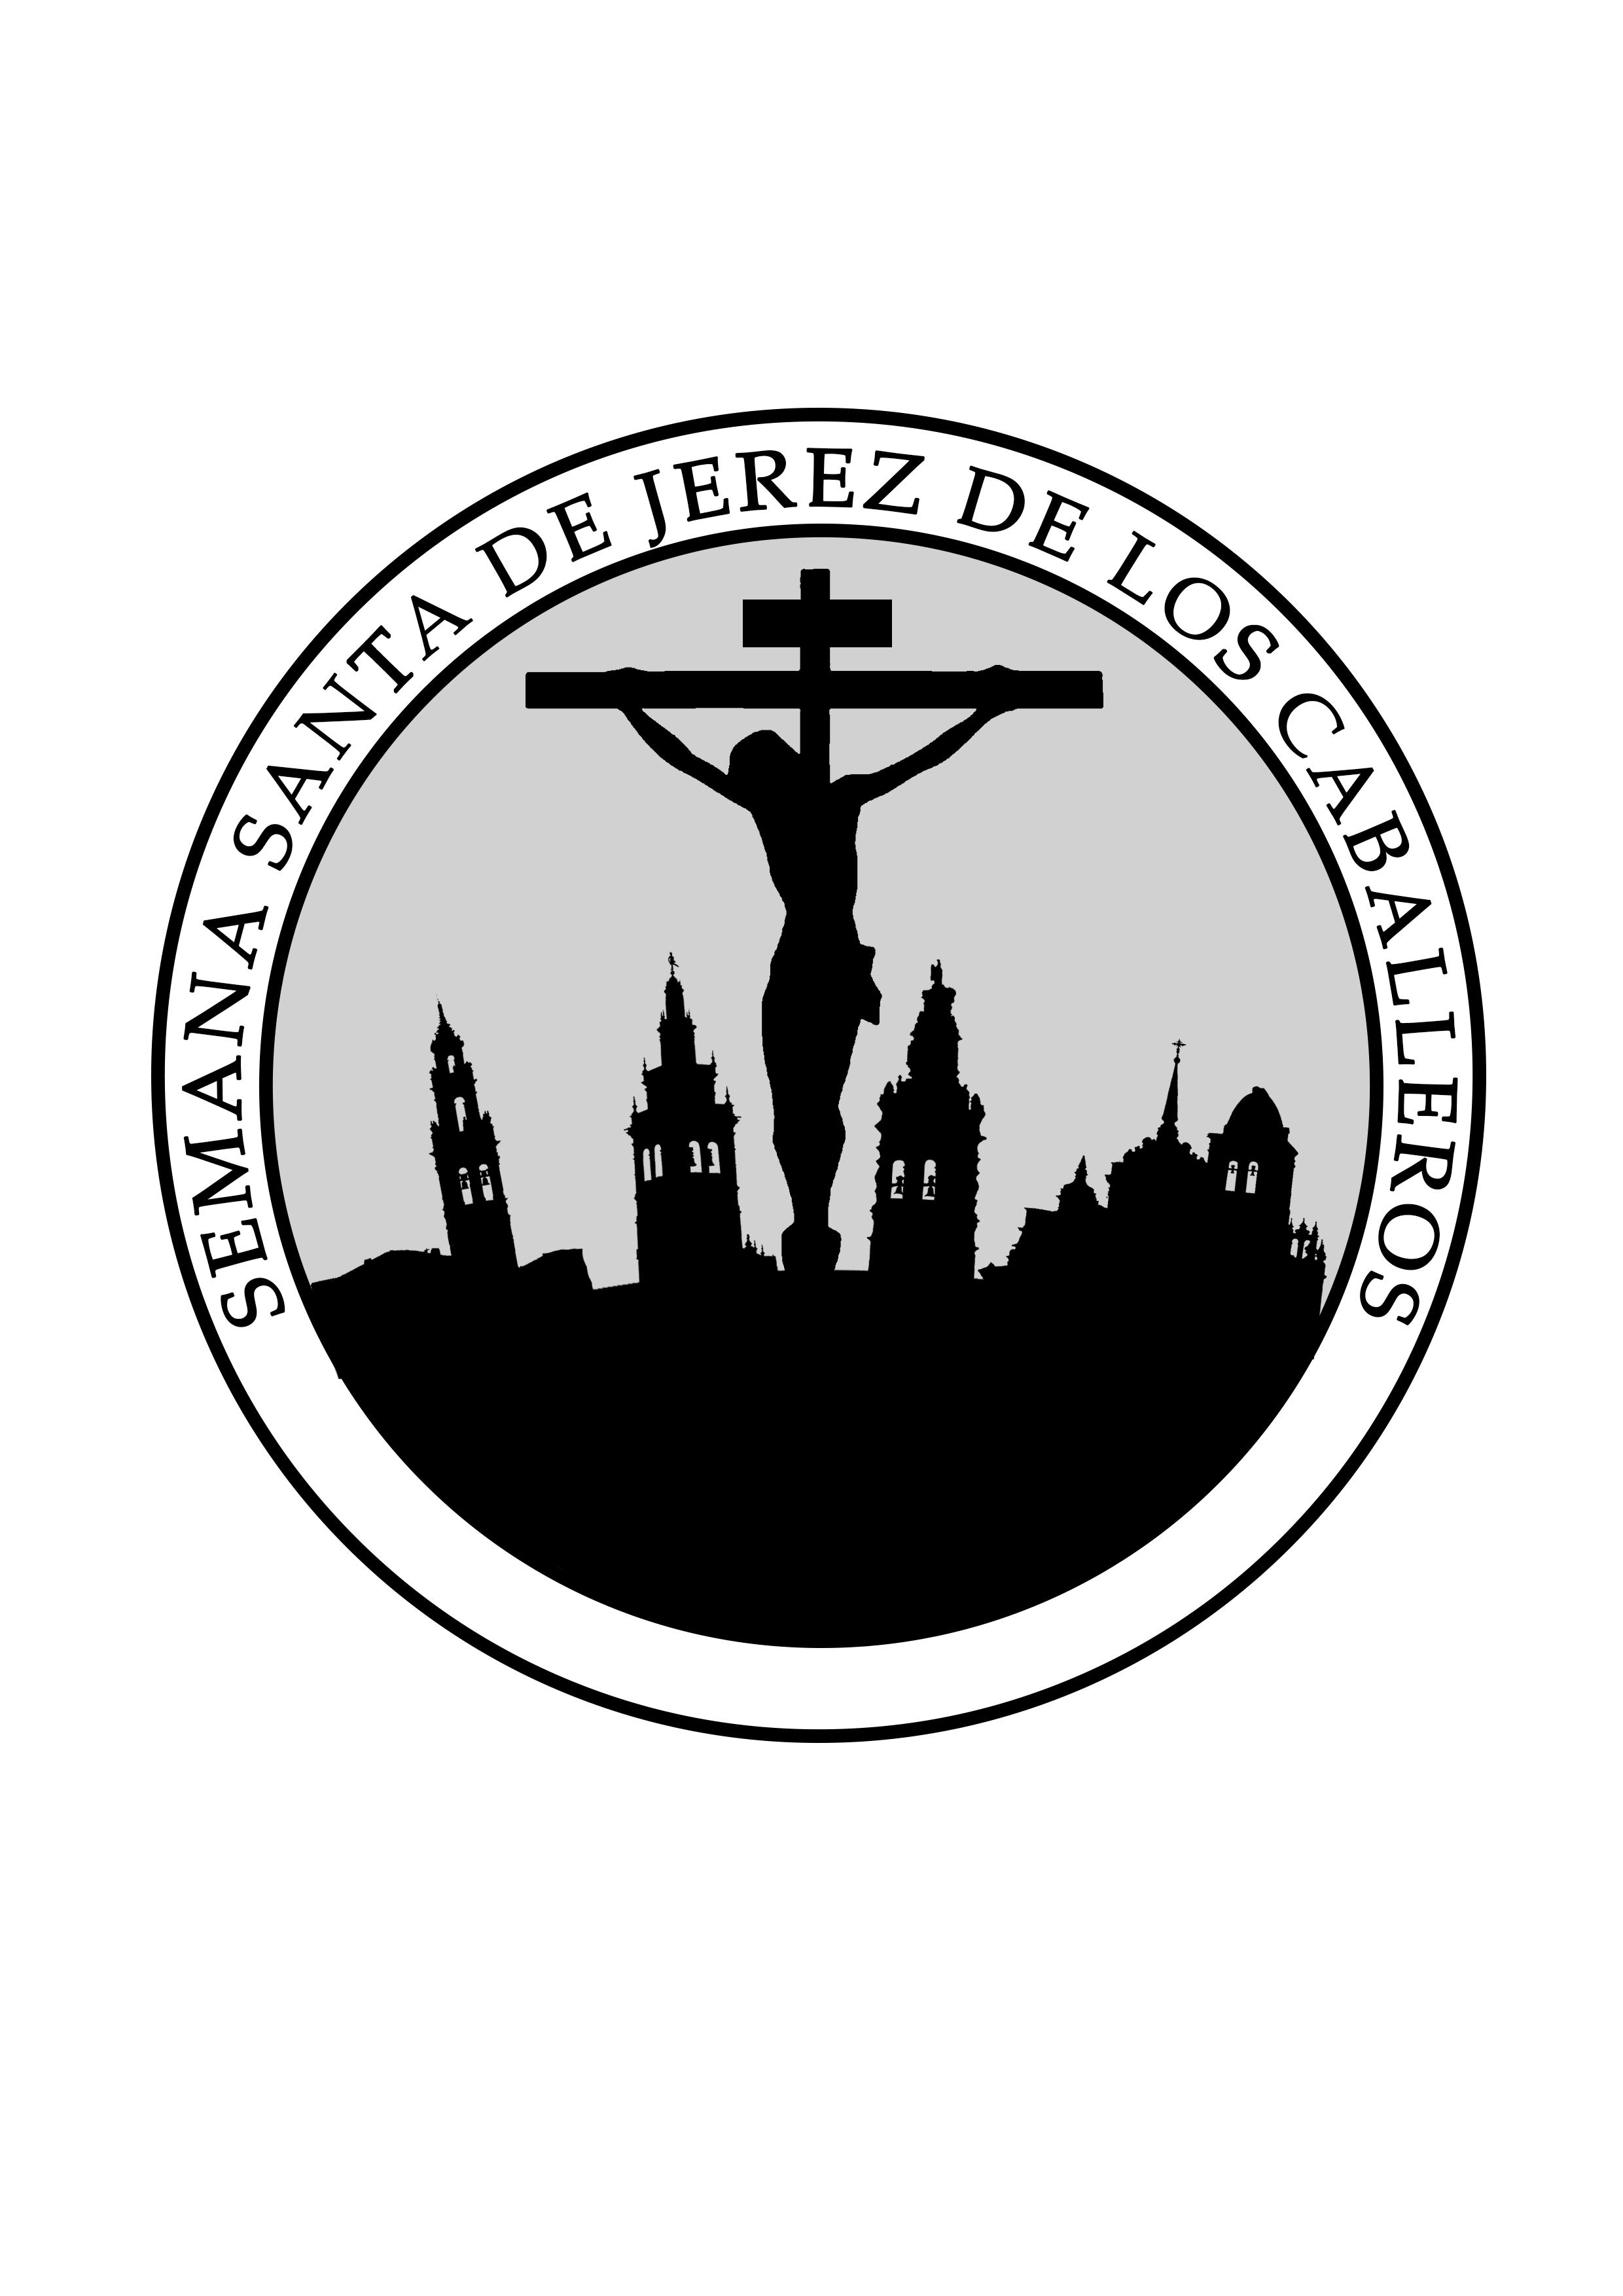 logotipo que representará a la Semana Santa de Jerez de los Caballeros